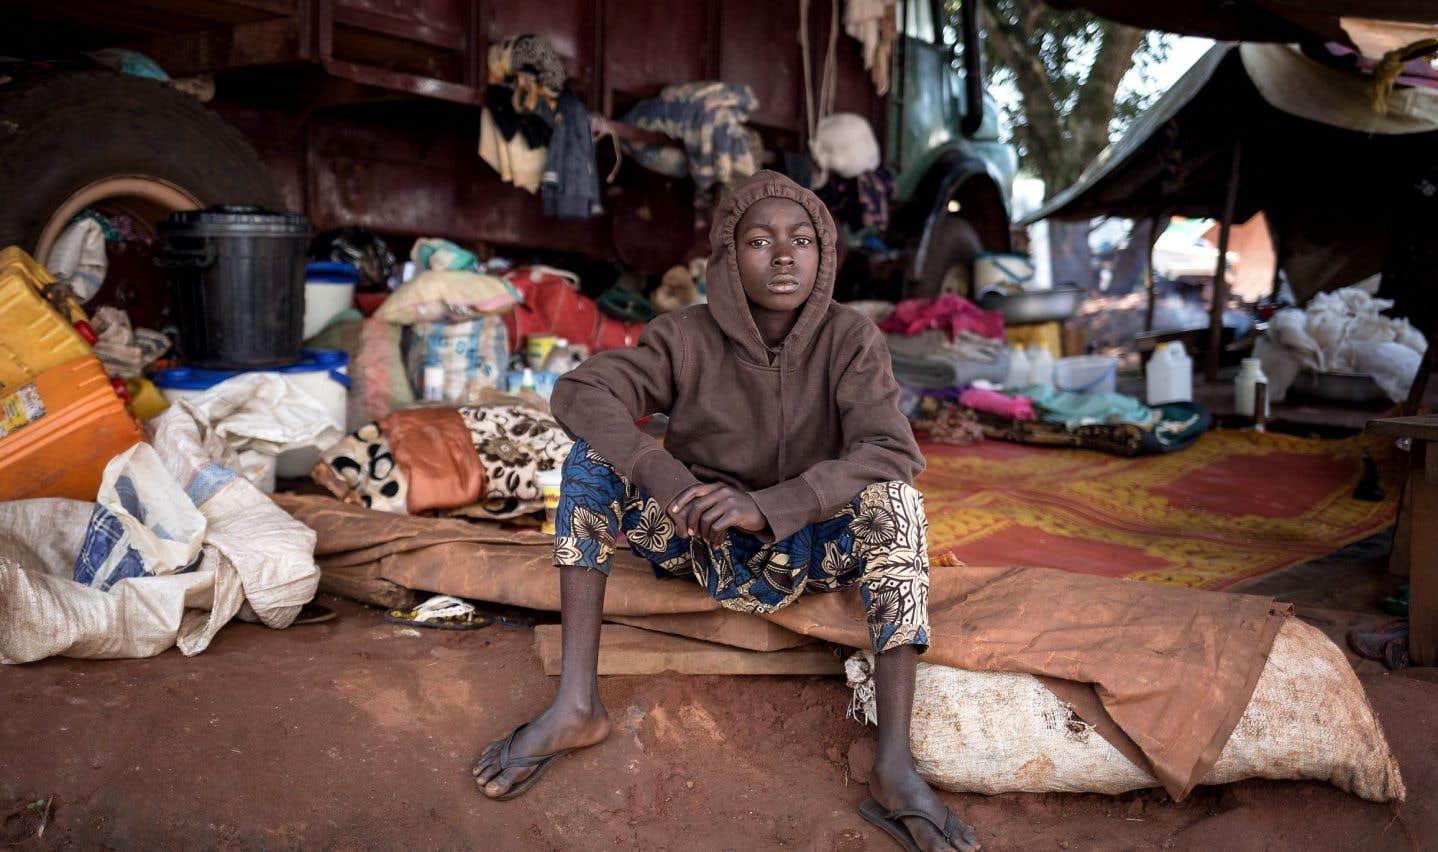 Un jeune migrant est photographié ici dans un camp de réfugiés de Bangassou, dans le sud-est de la République centrafricaine, le 14 août dernier.